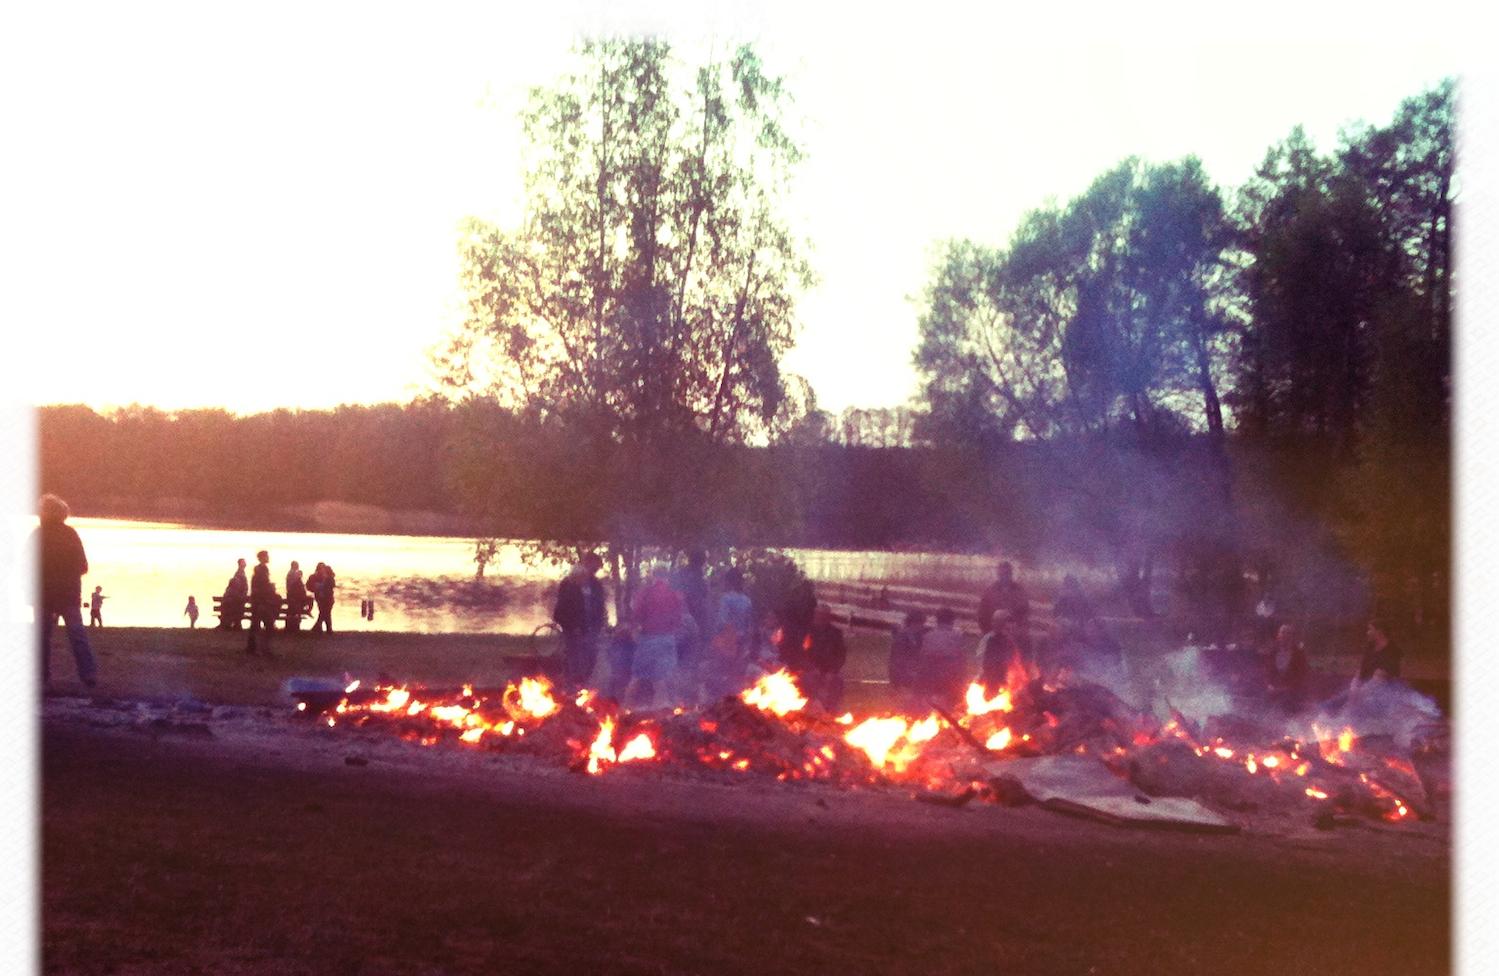 Osterfeuer am Weißer See in Böhmerheide